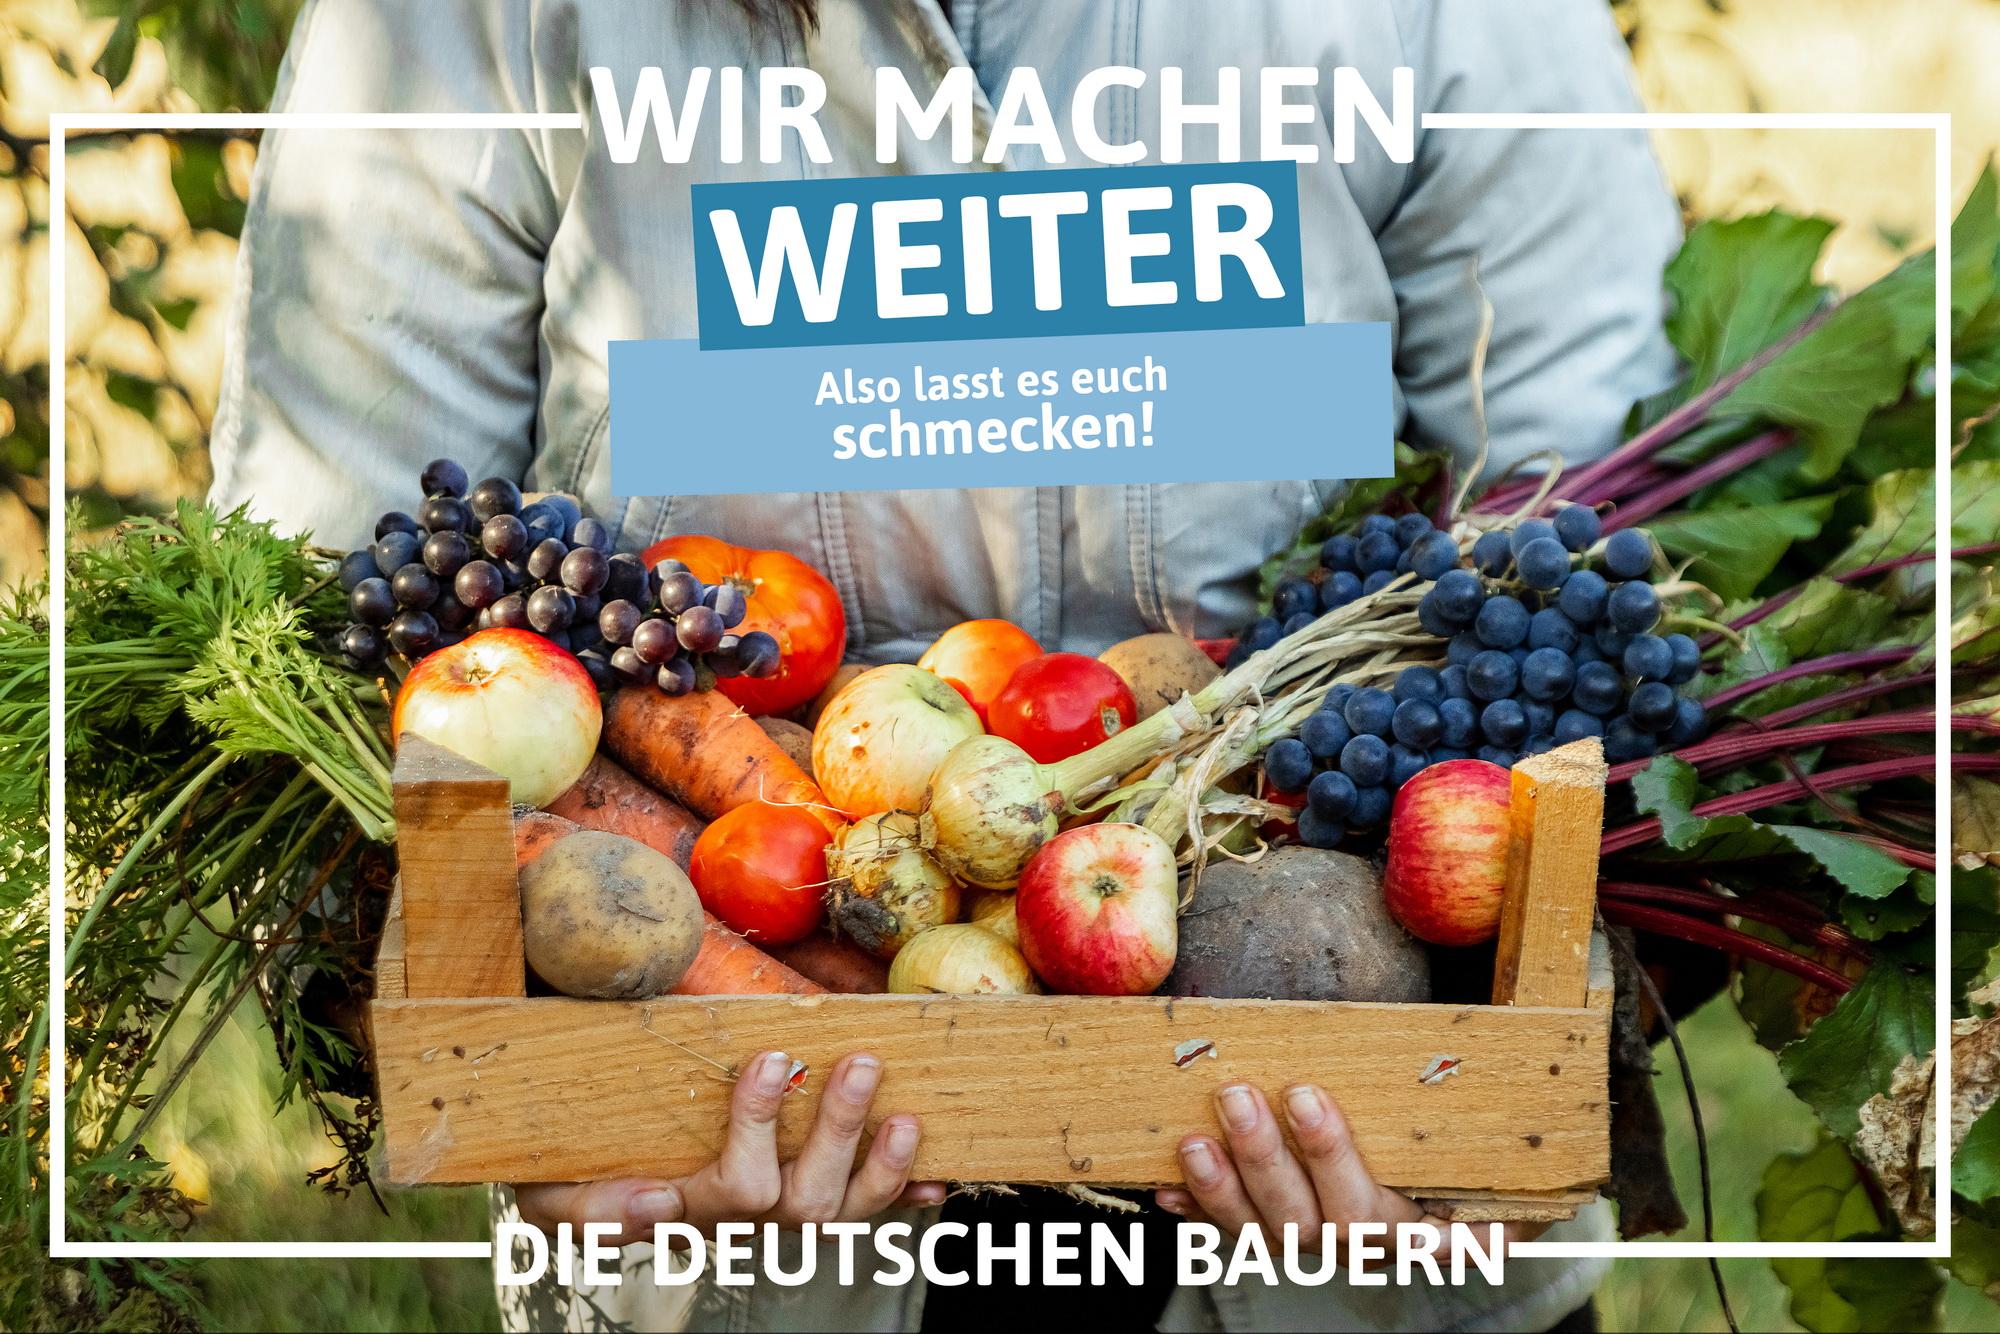 Kampagne der Deutschen Bauern